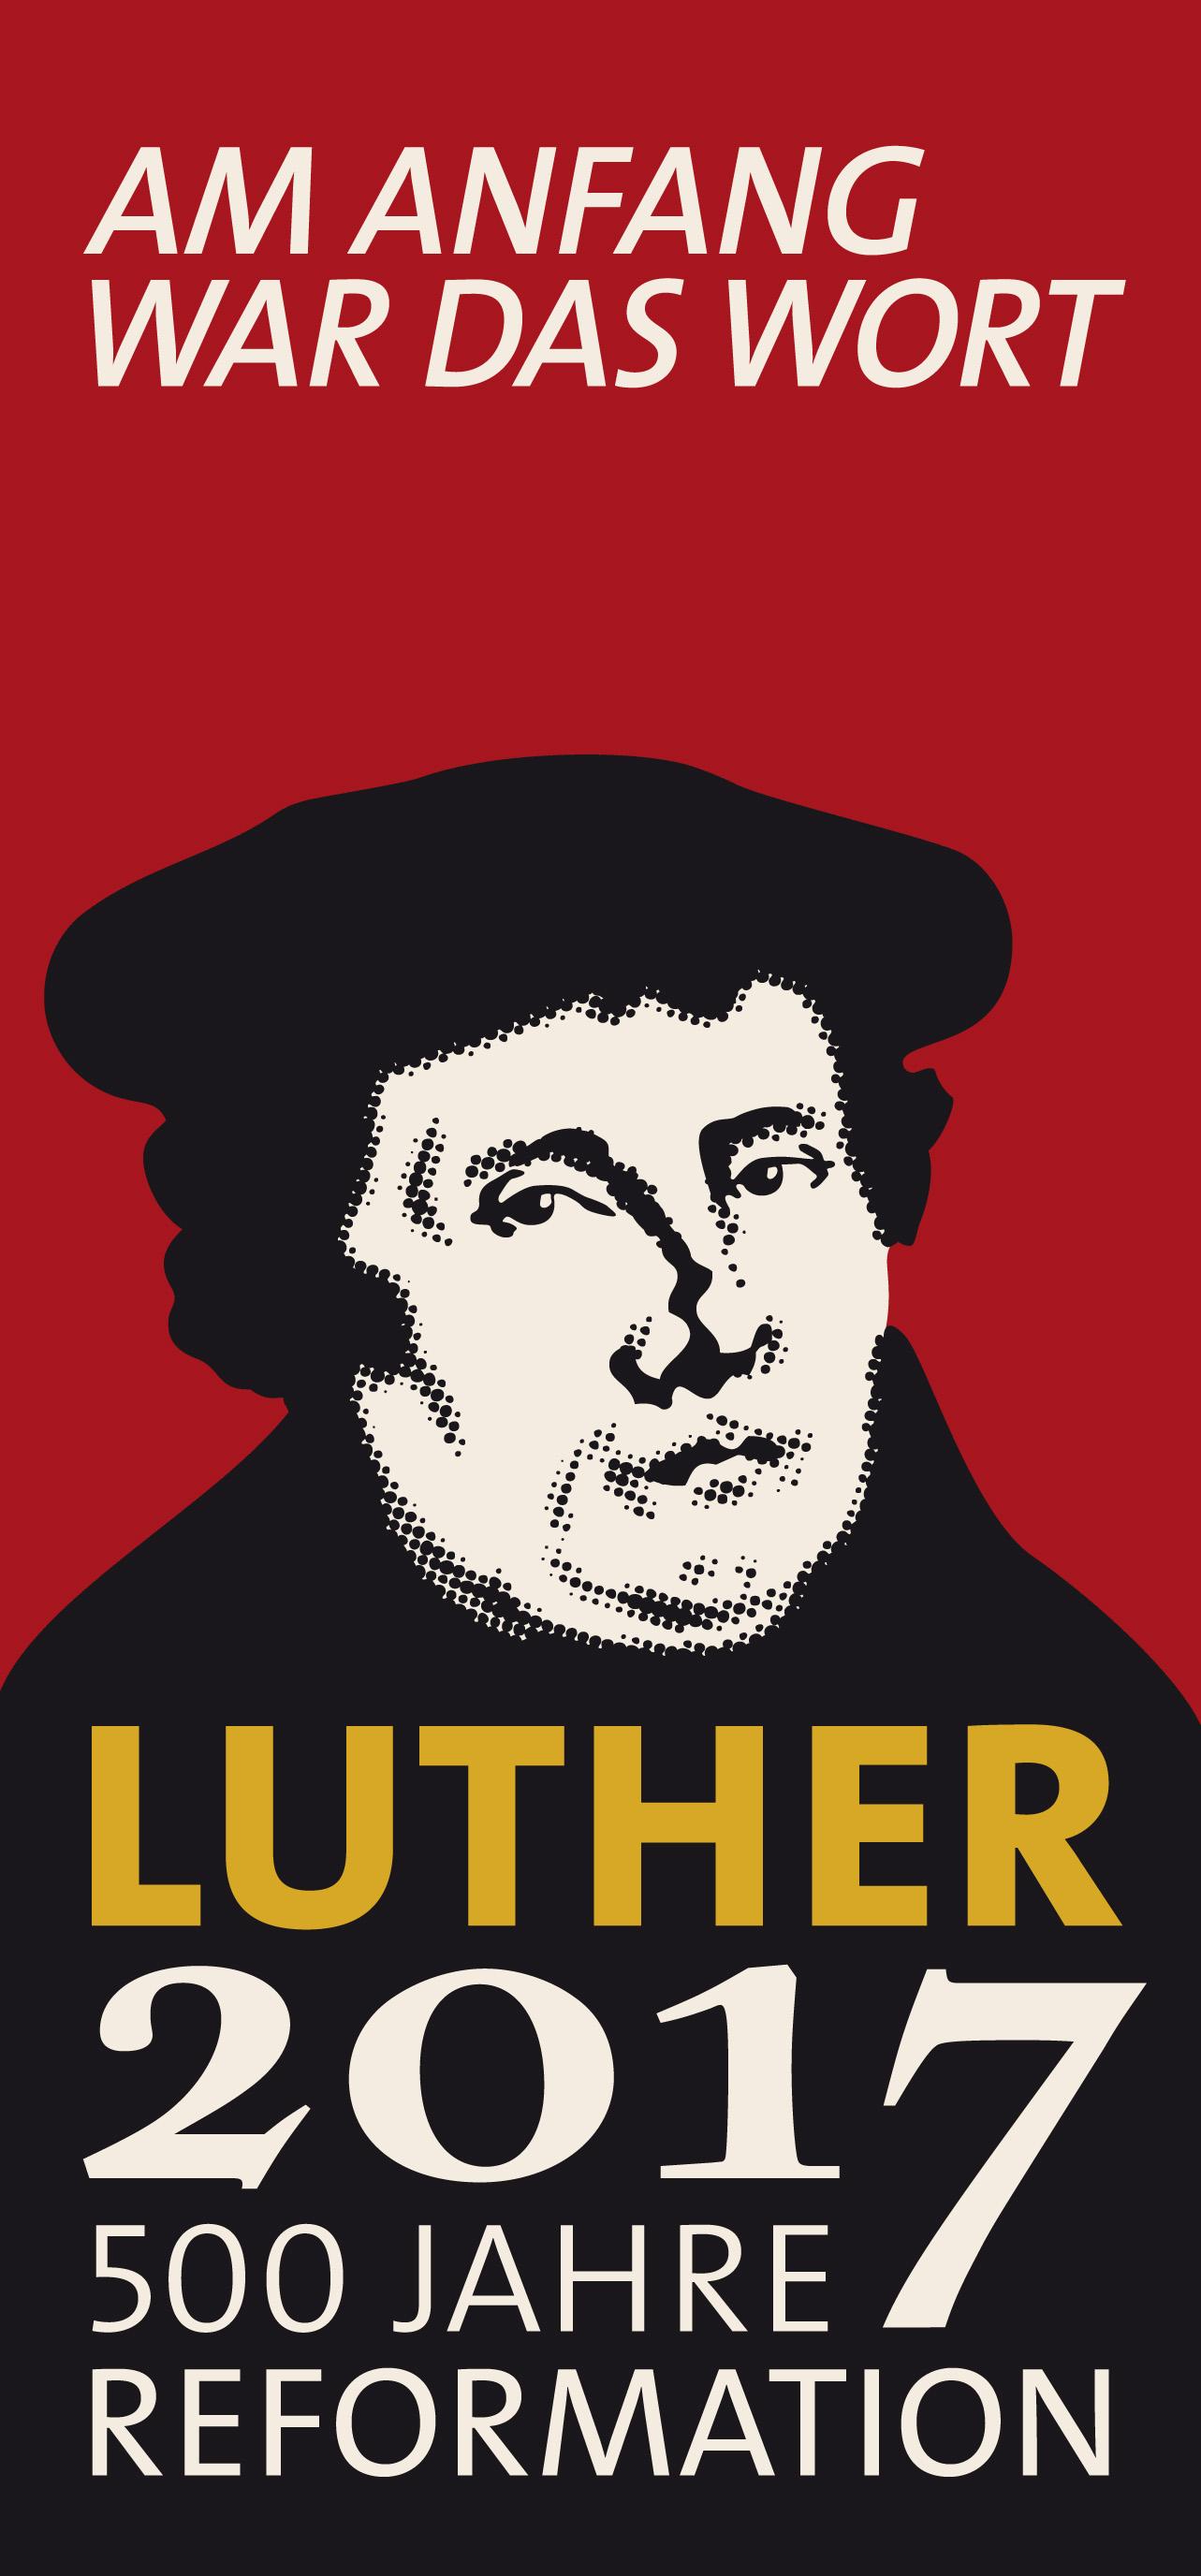 Teilprojekt von Luther 2017